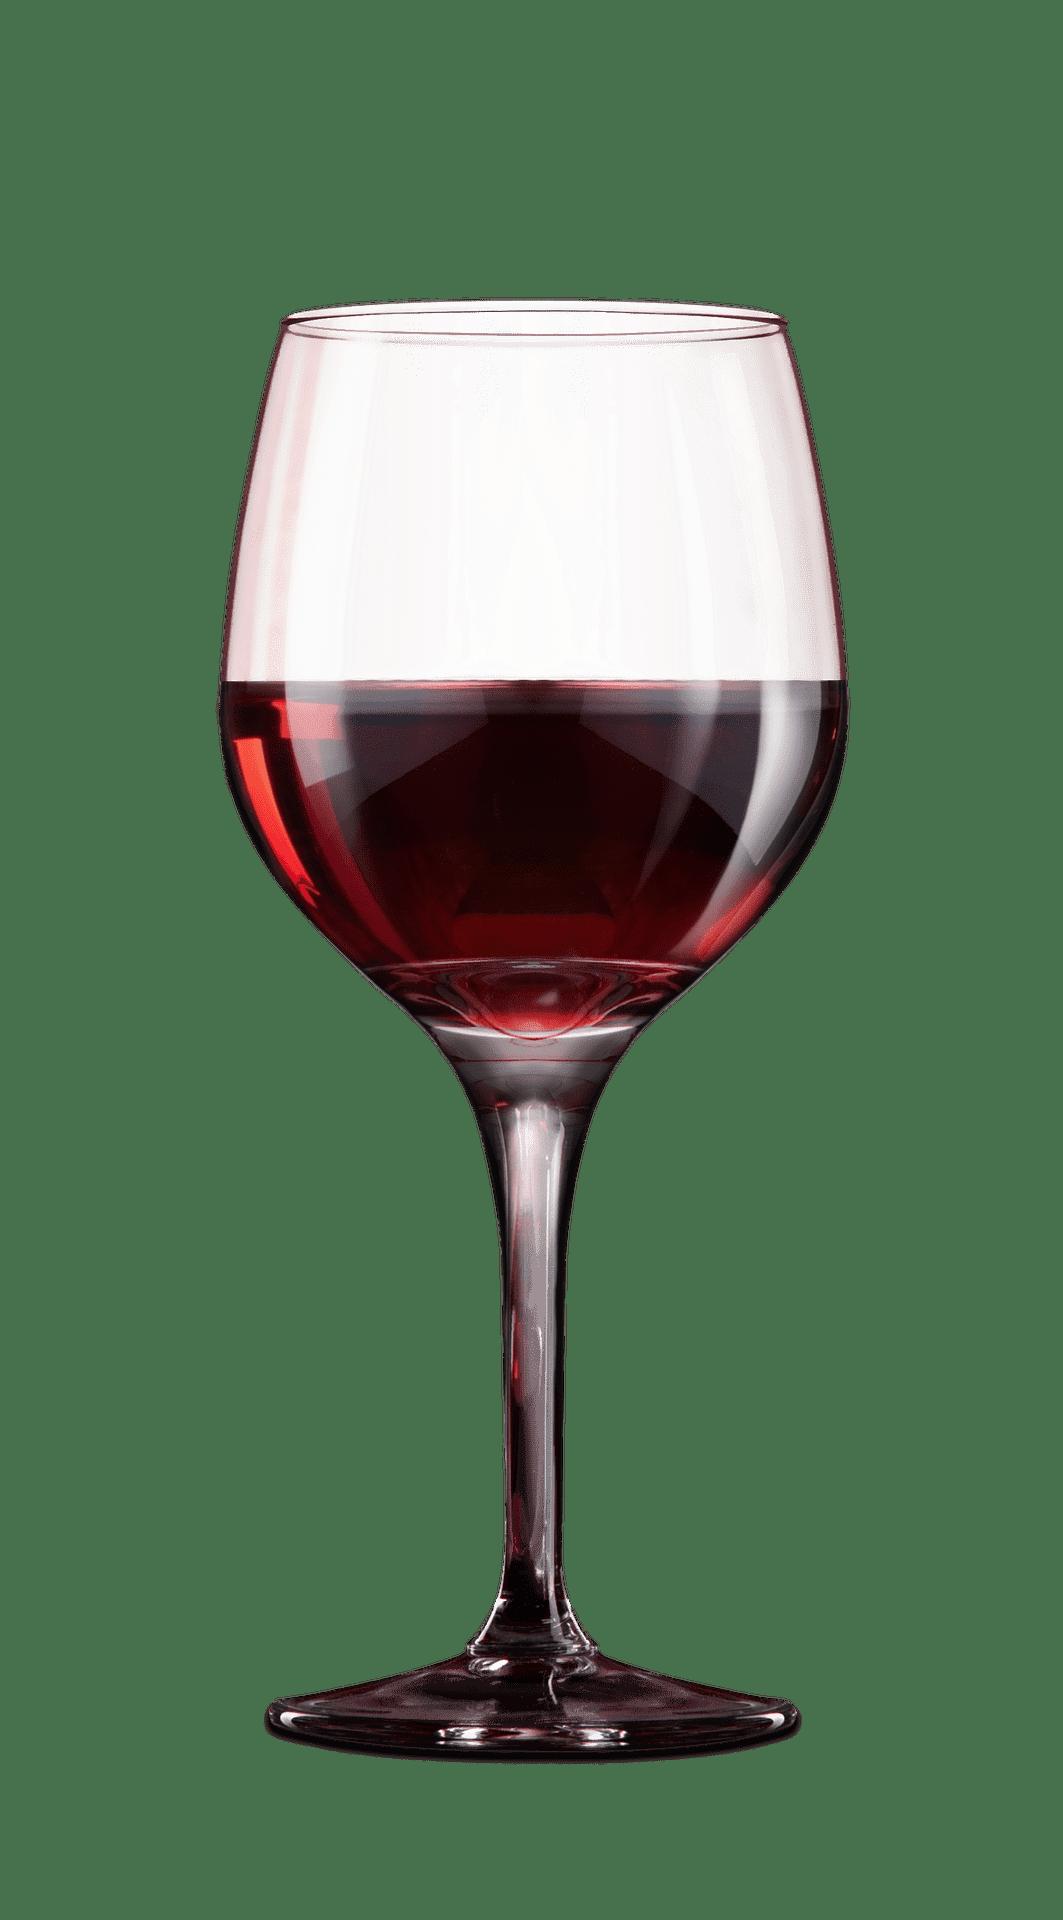 Glass Of Wine A Day Quitalcohol Com